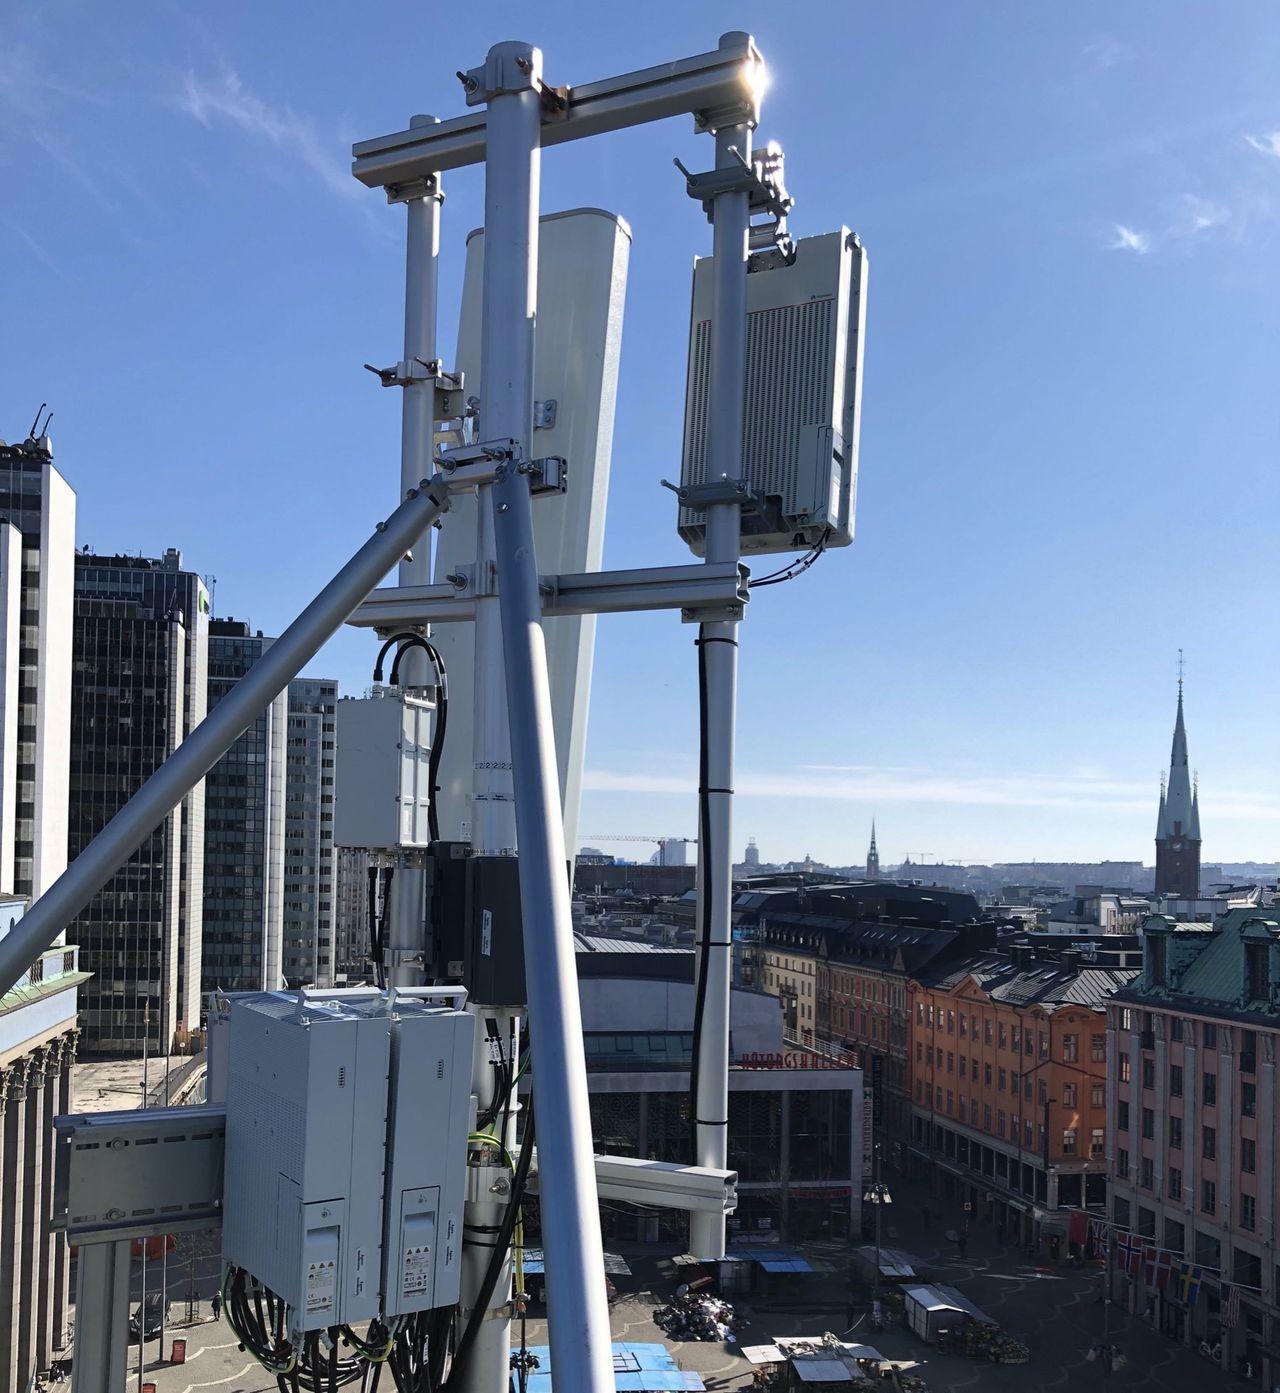 Centrala Stockholm fick publikt 5G-nät i dag